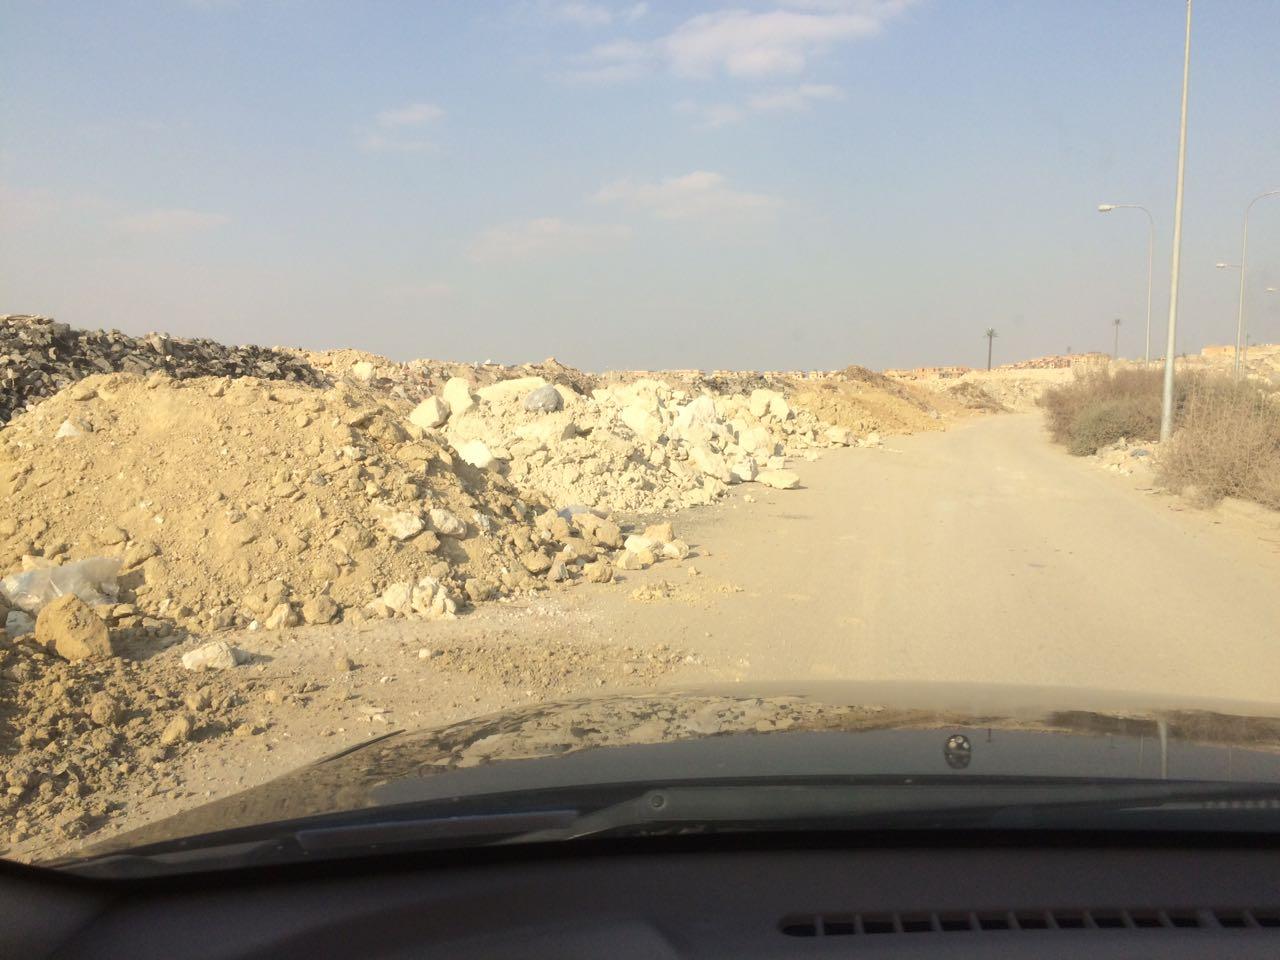 سكان منطقة التوسعات الشرقية بـ أكتوبر يطالبون برفع مخلفات الحفر والبناء (صور)